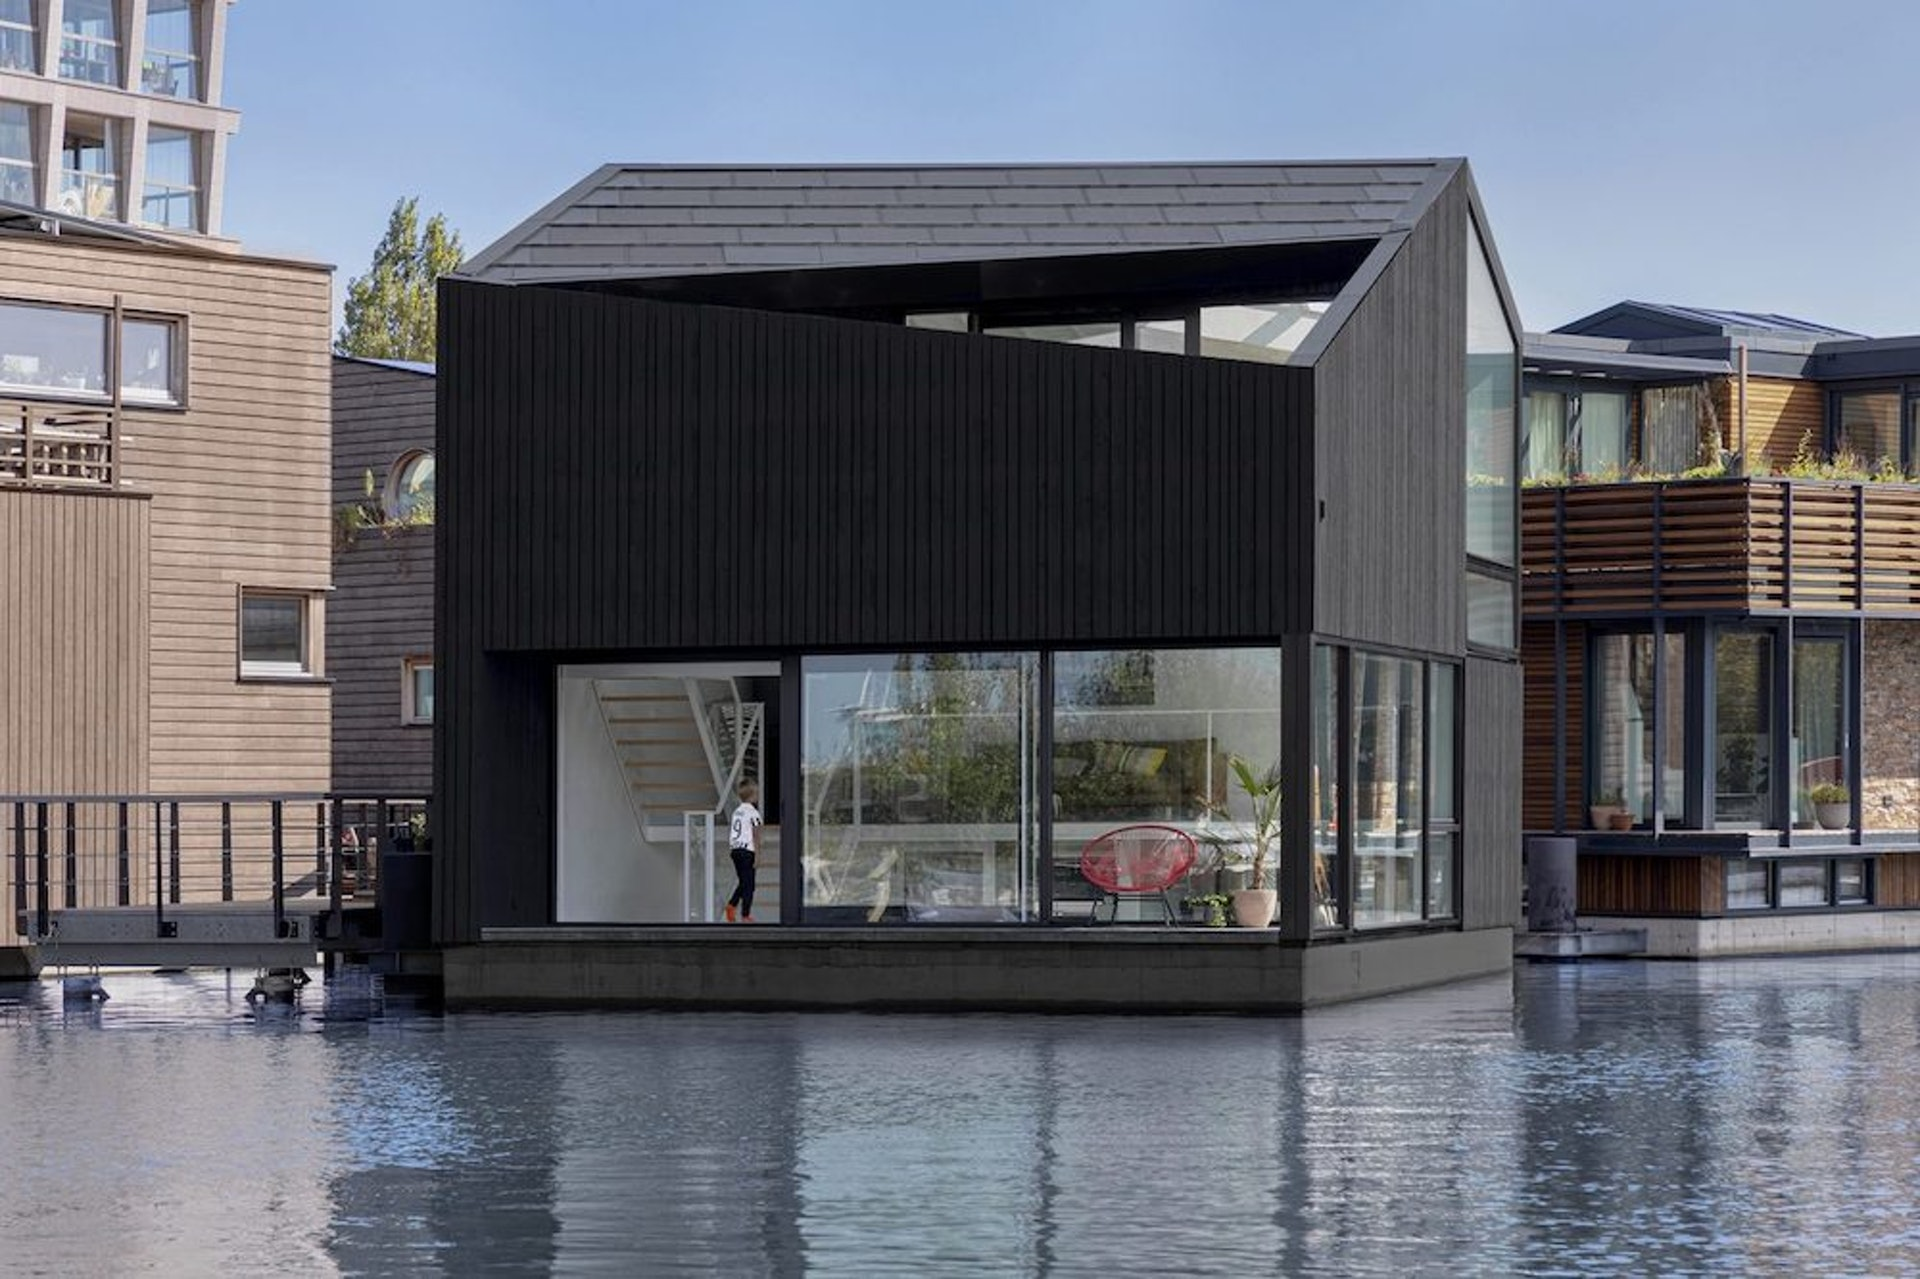 位於阿姆斯特丹北部前工業區的Johan van Hasselt運河上Schoonschip(SPACE&MATTER)